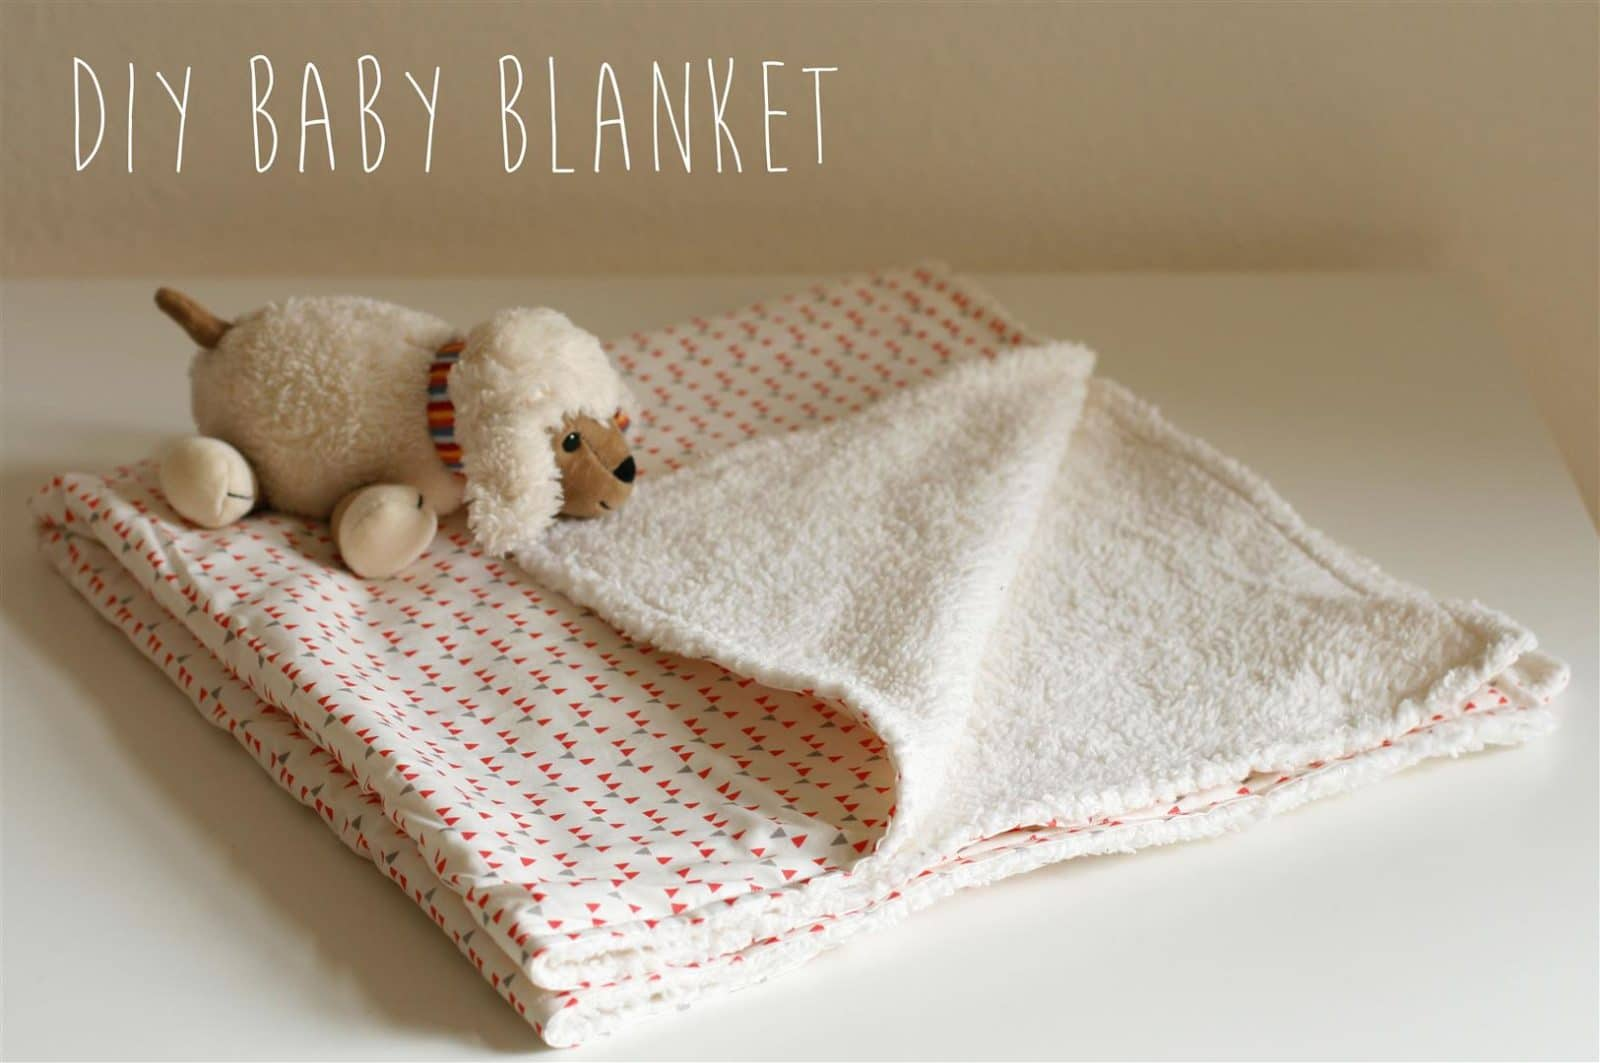 supereasy babydecken diy handmade kultur. Black Bedroom Furniture Sets. Home Design Ideas